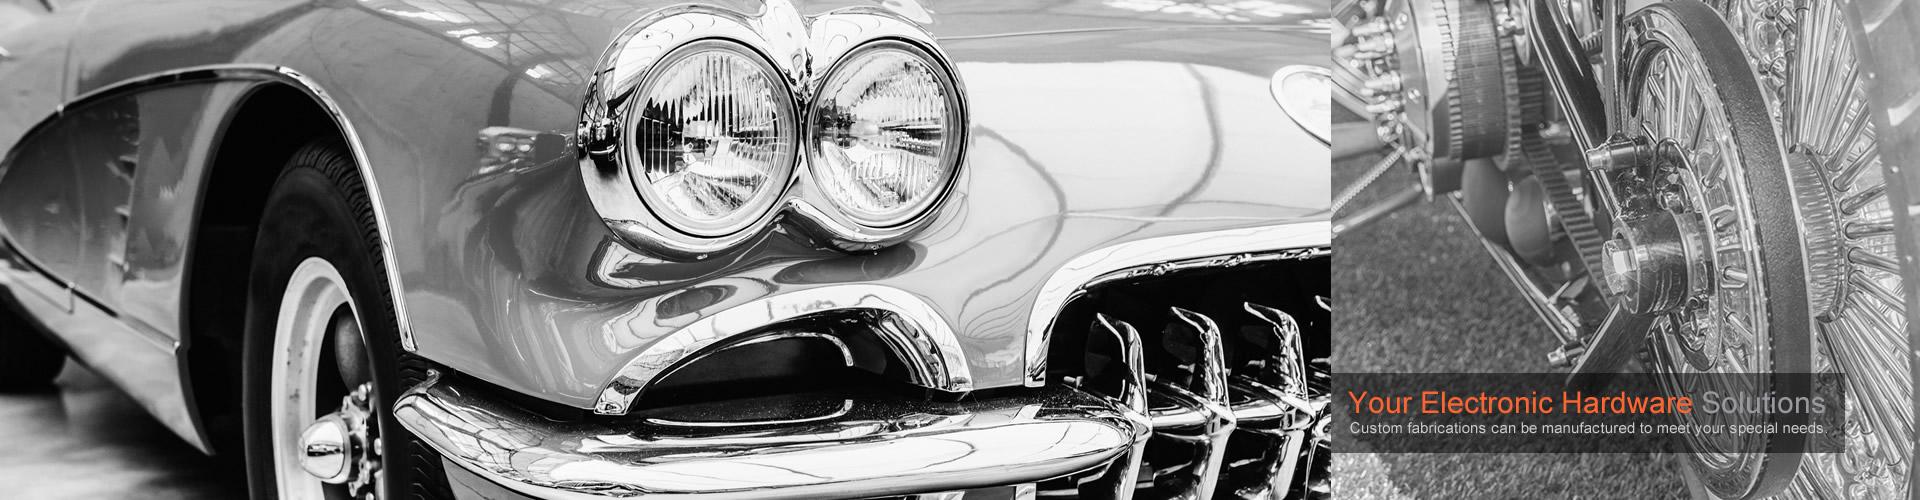 AUTOMOTIVE & MOTOS